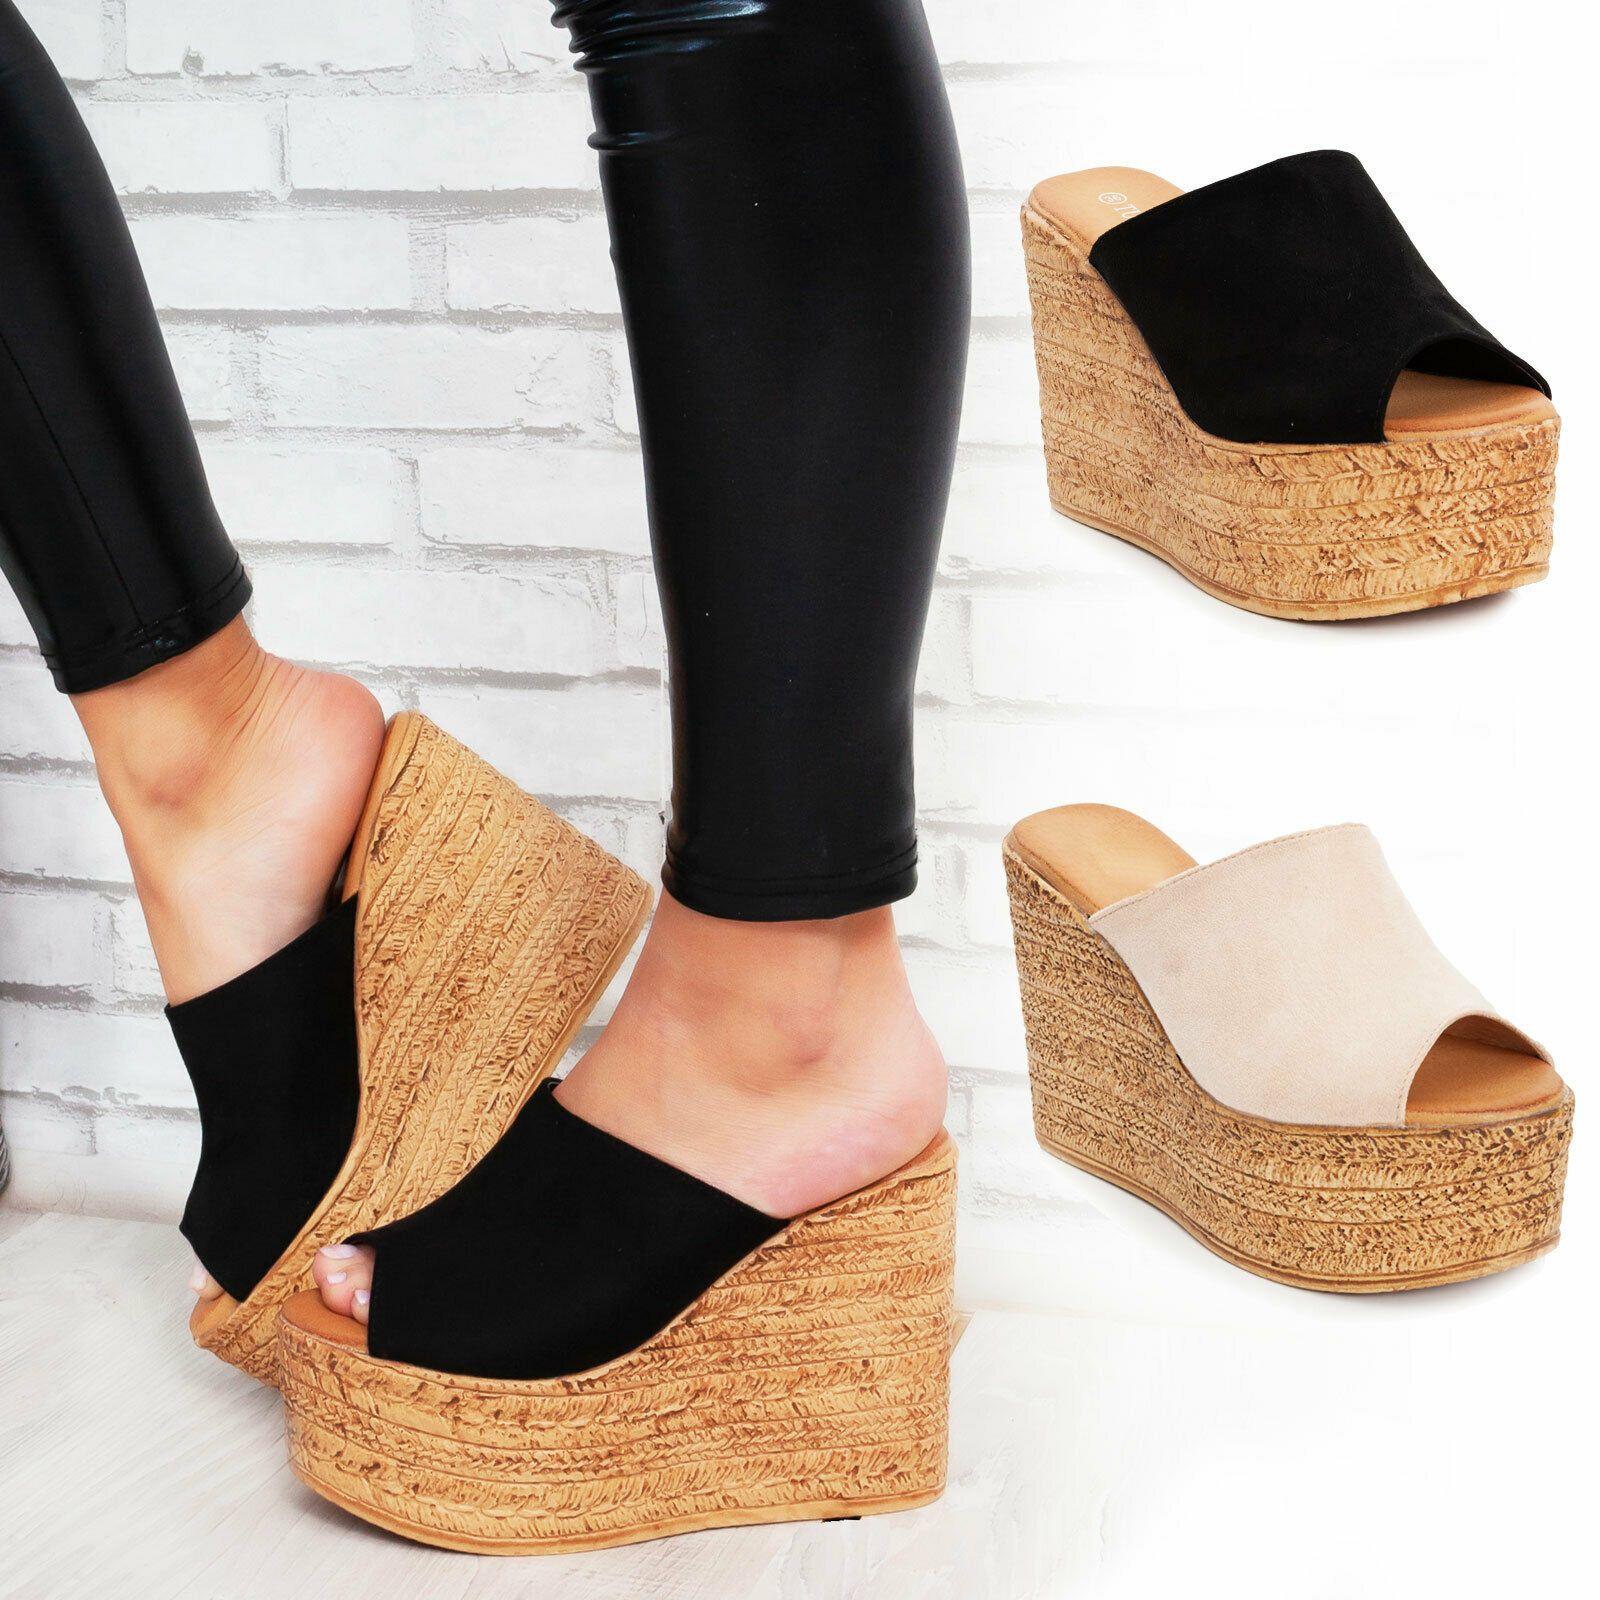 scarpe zeppa corda donna sandali zatteroni cinturino borchie casual elegante